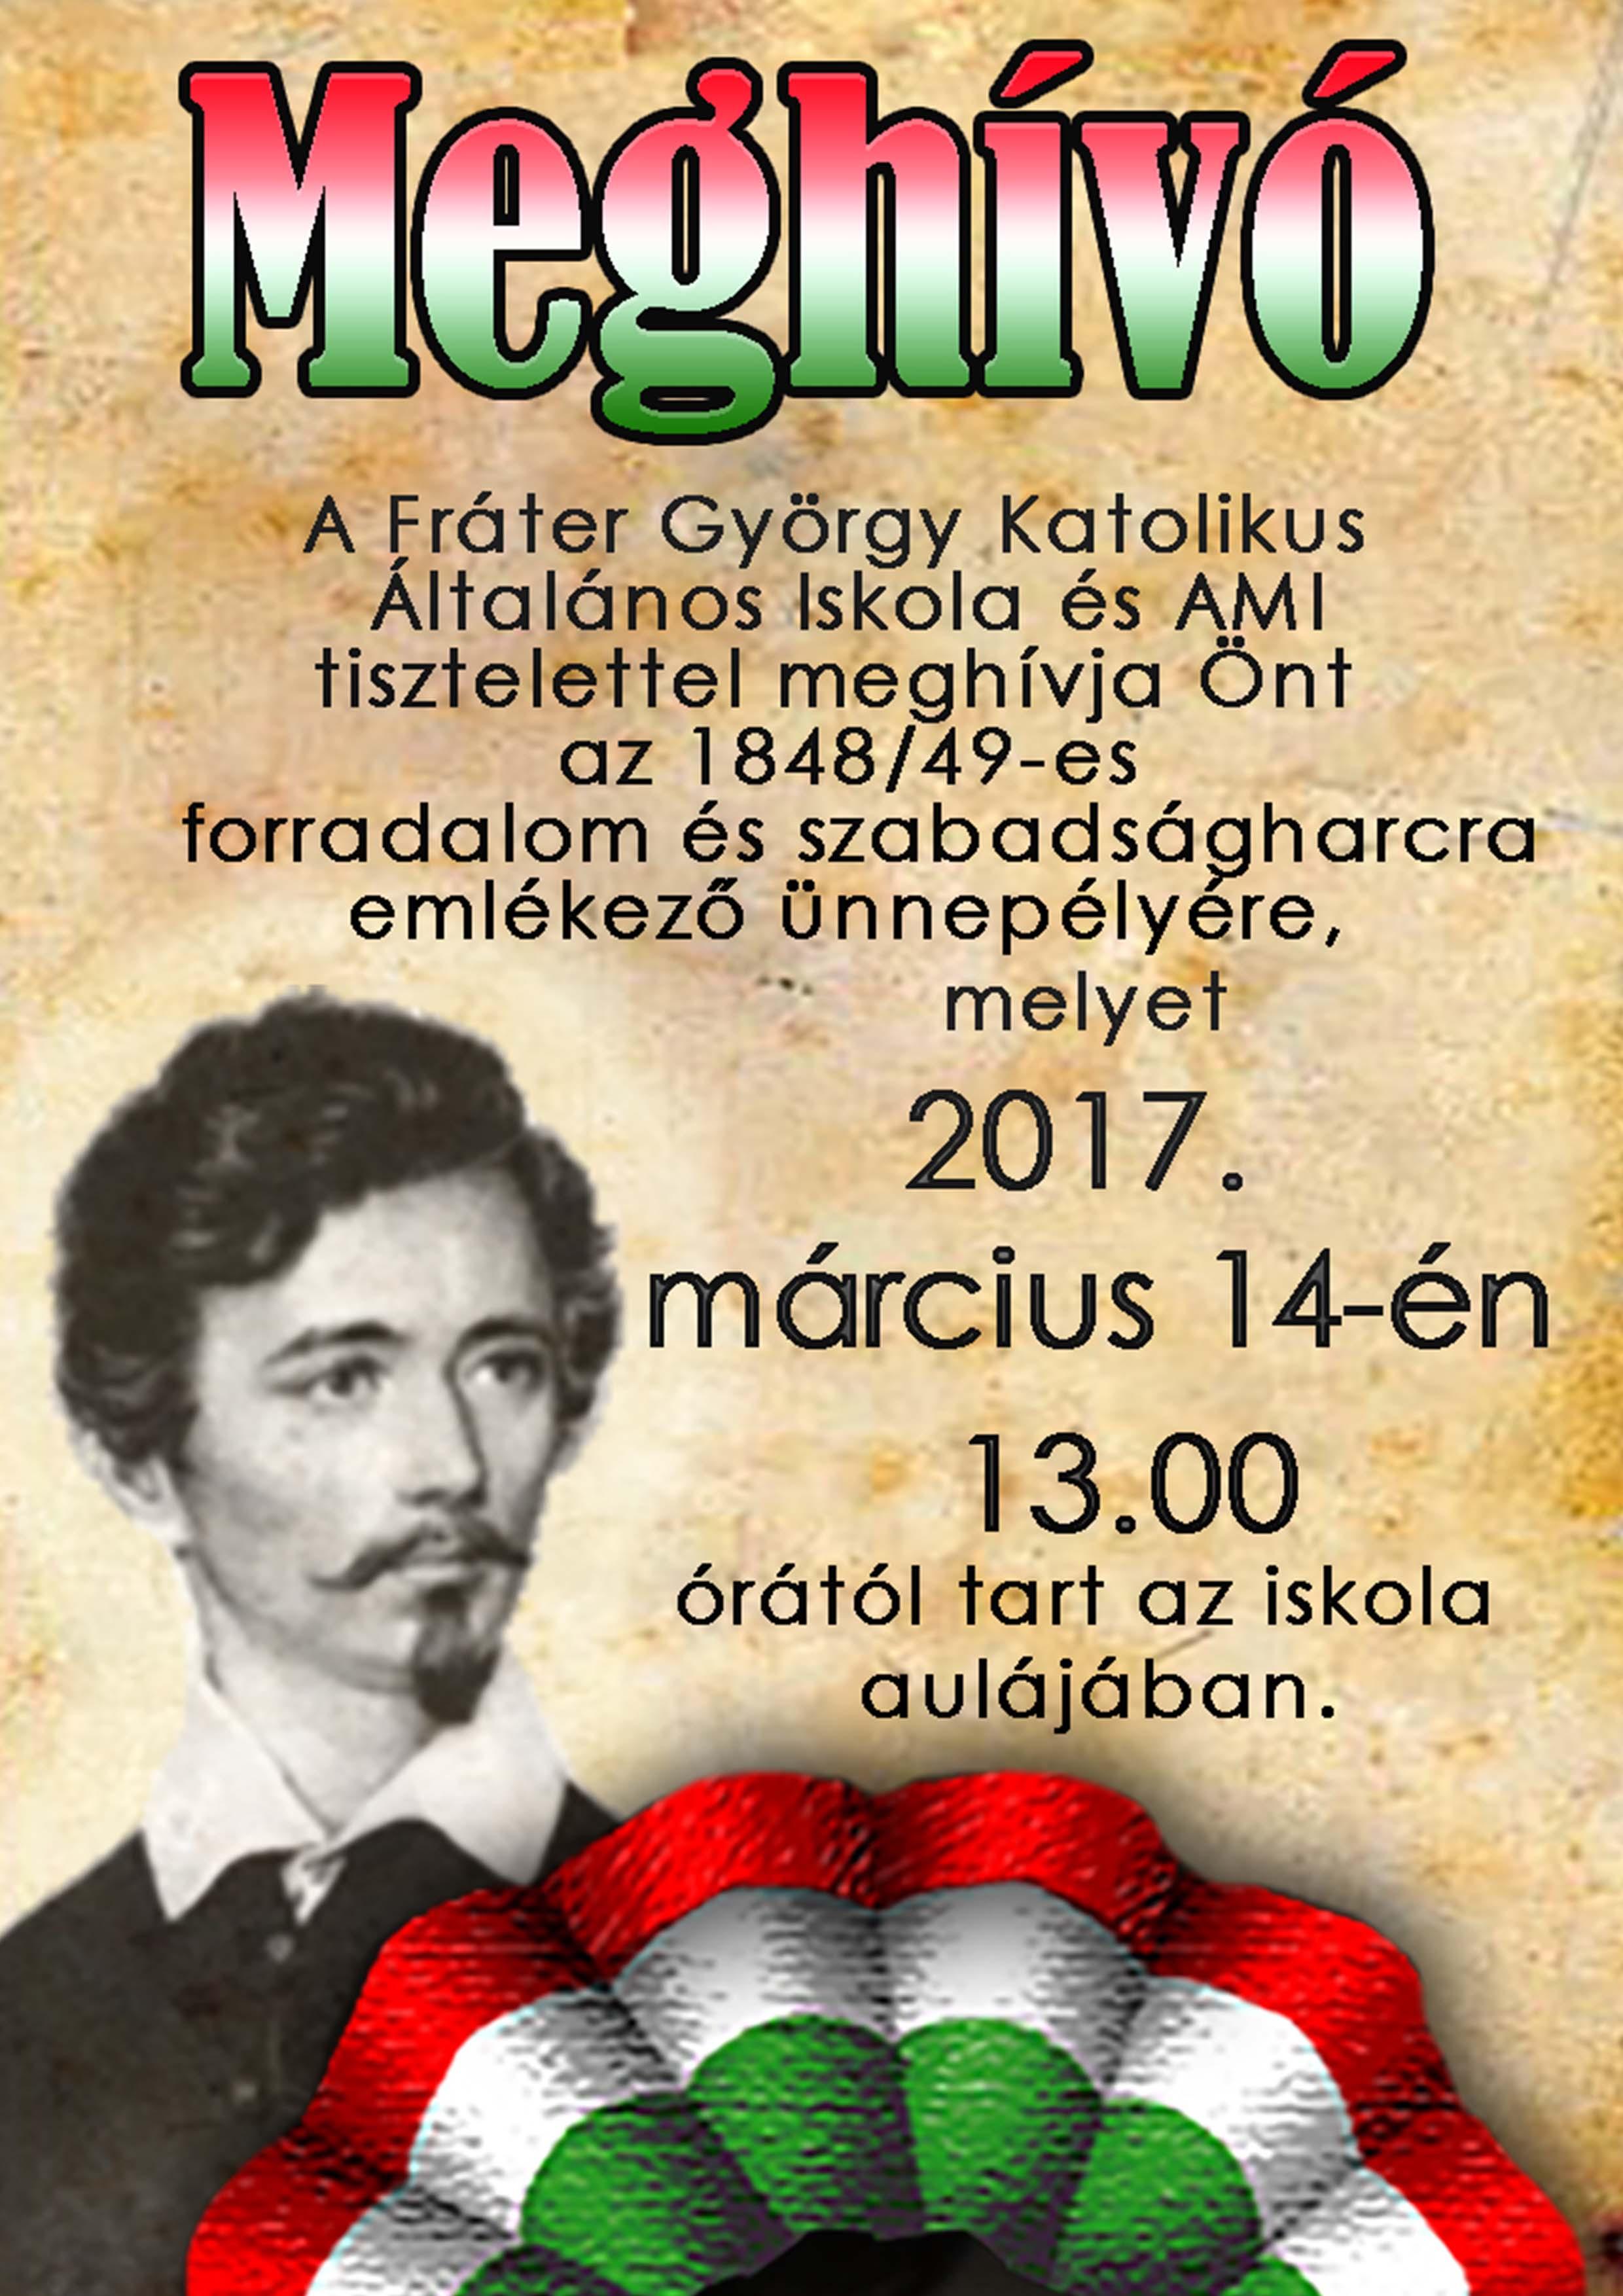 márc 15 meghívó 2017 plakát kicsi